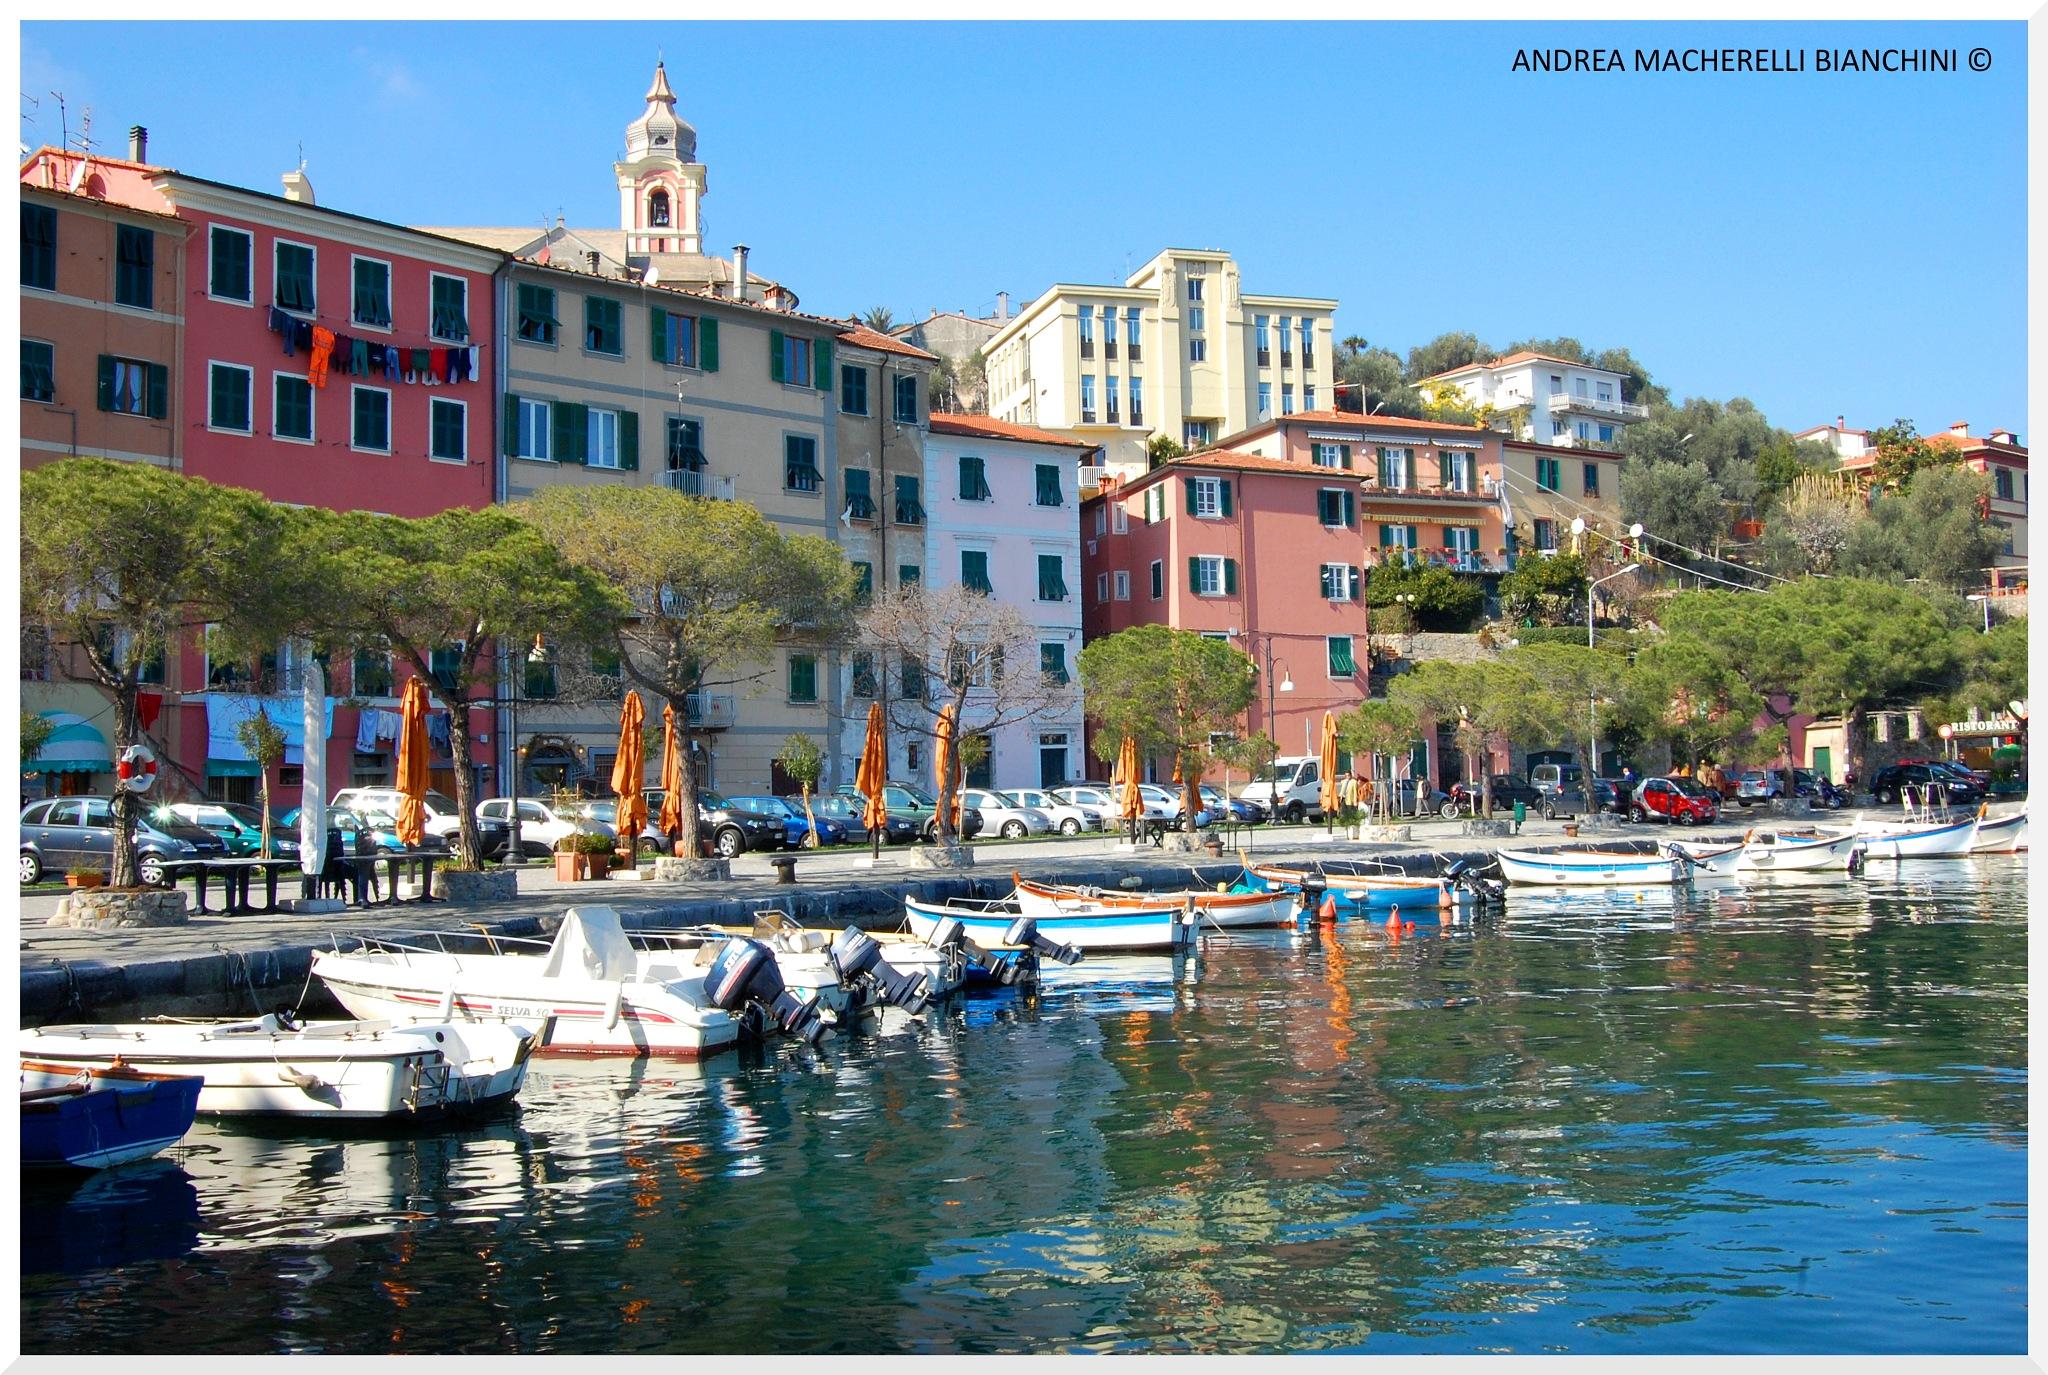 Village on the sea by Andrea Macherelli Bianchini